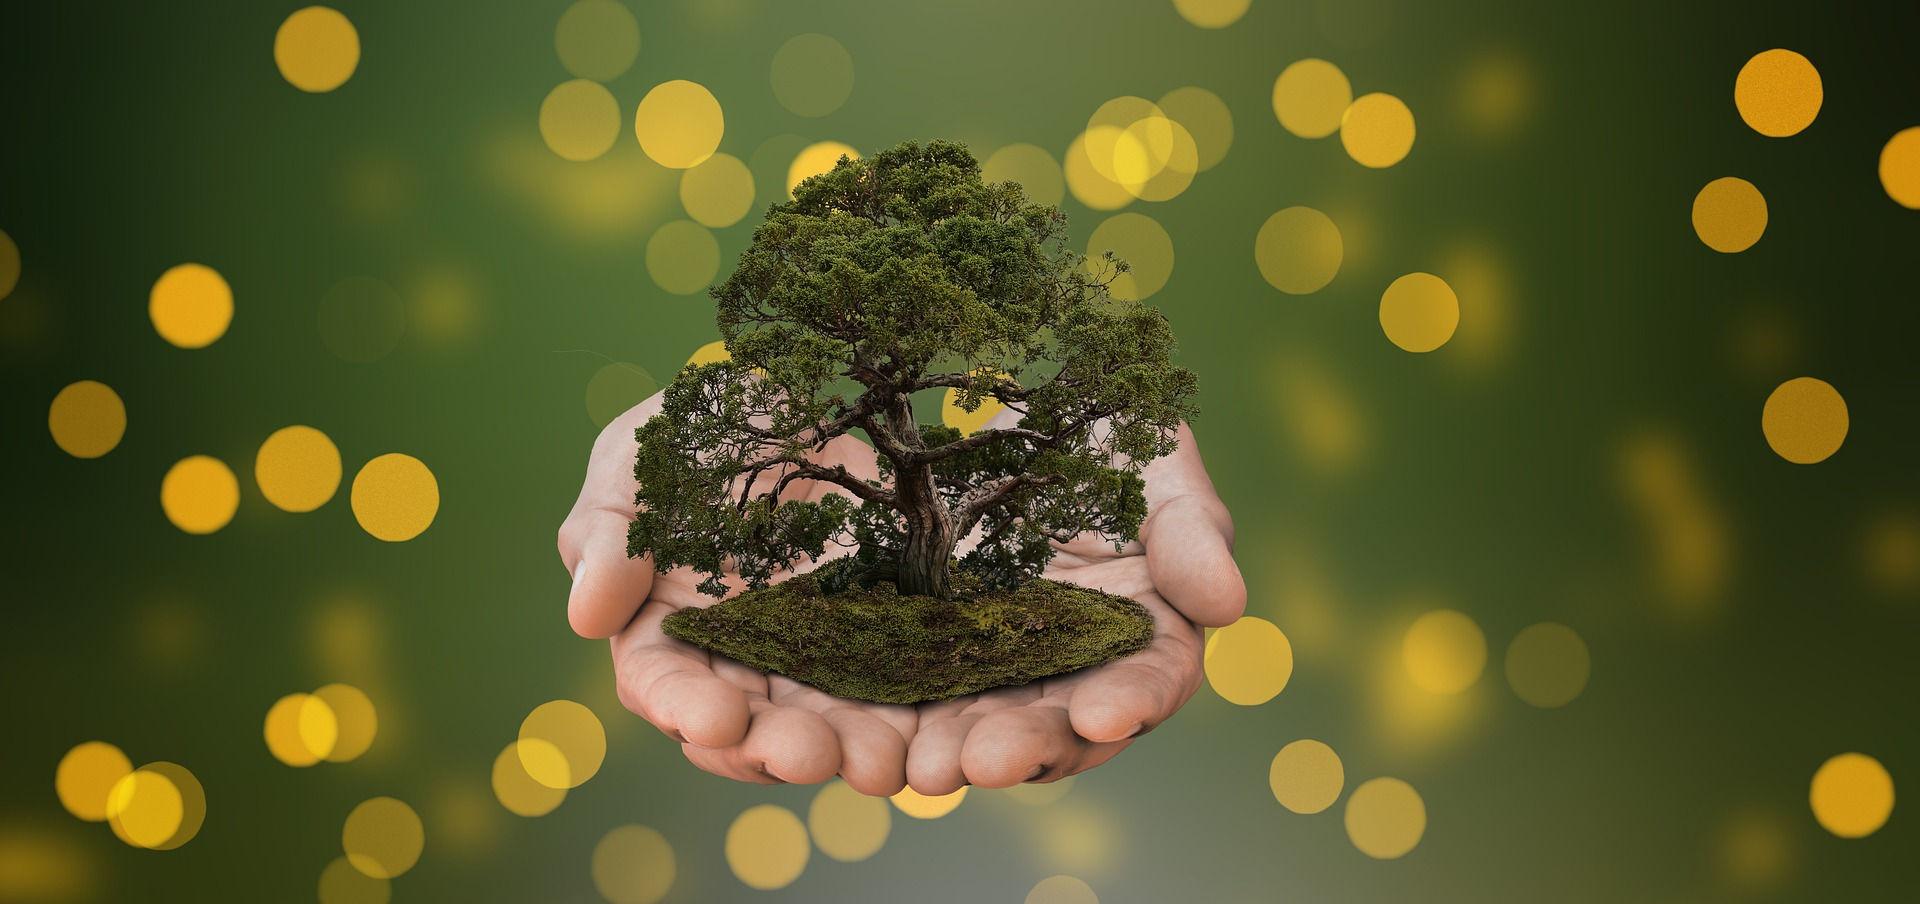 voluntariado en medio ambiente